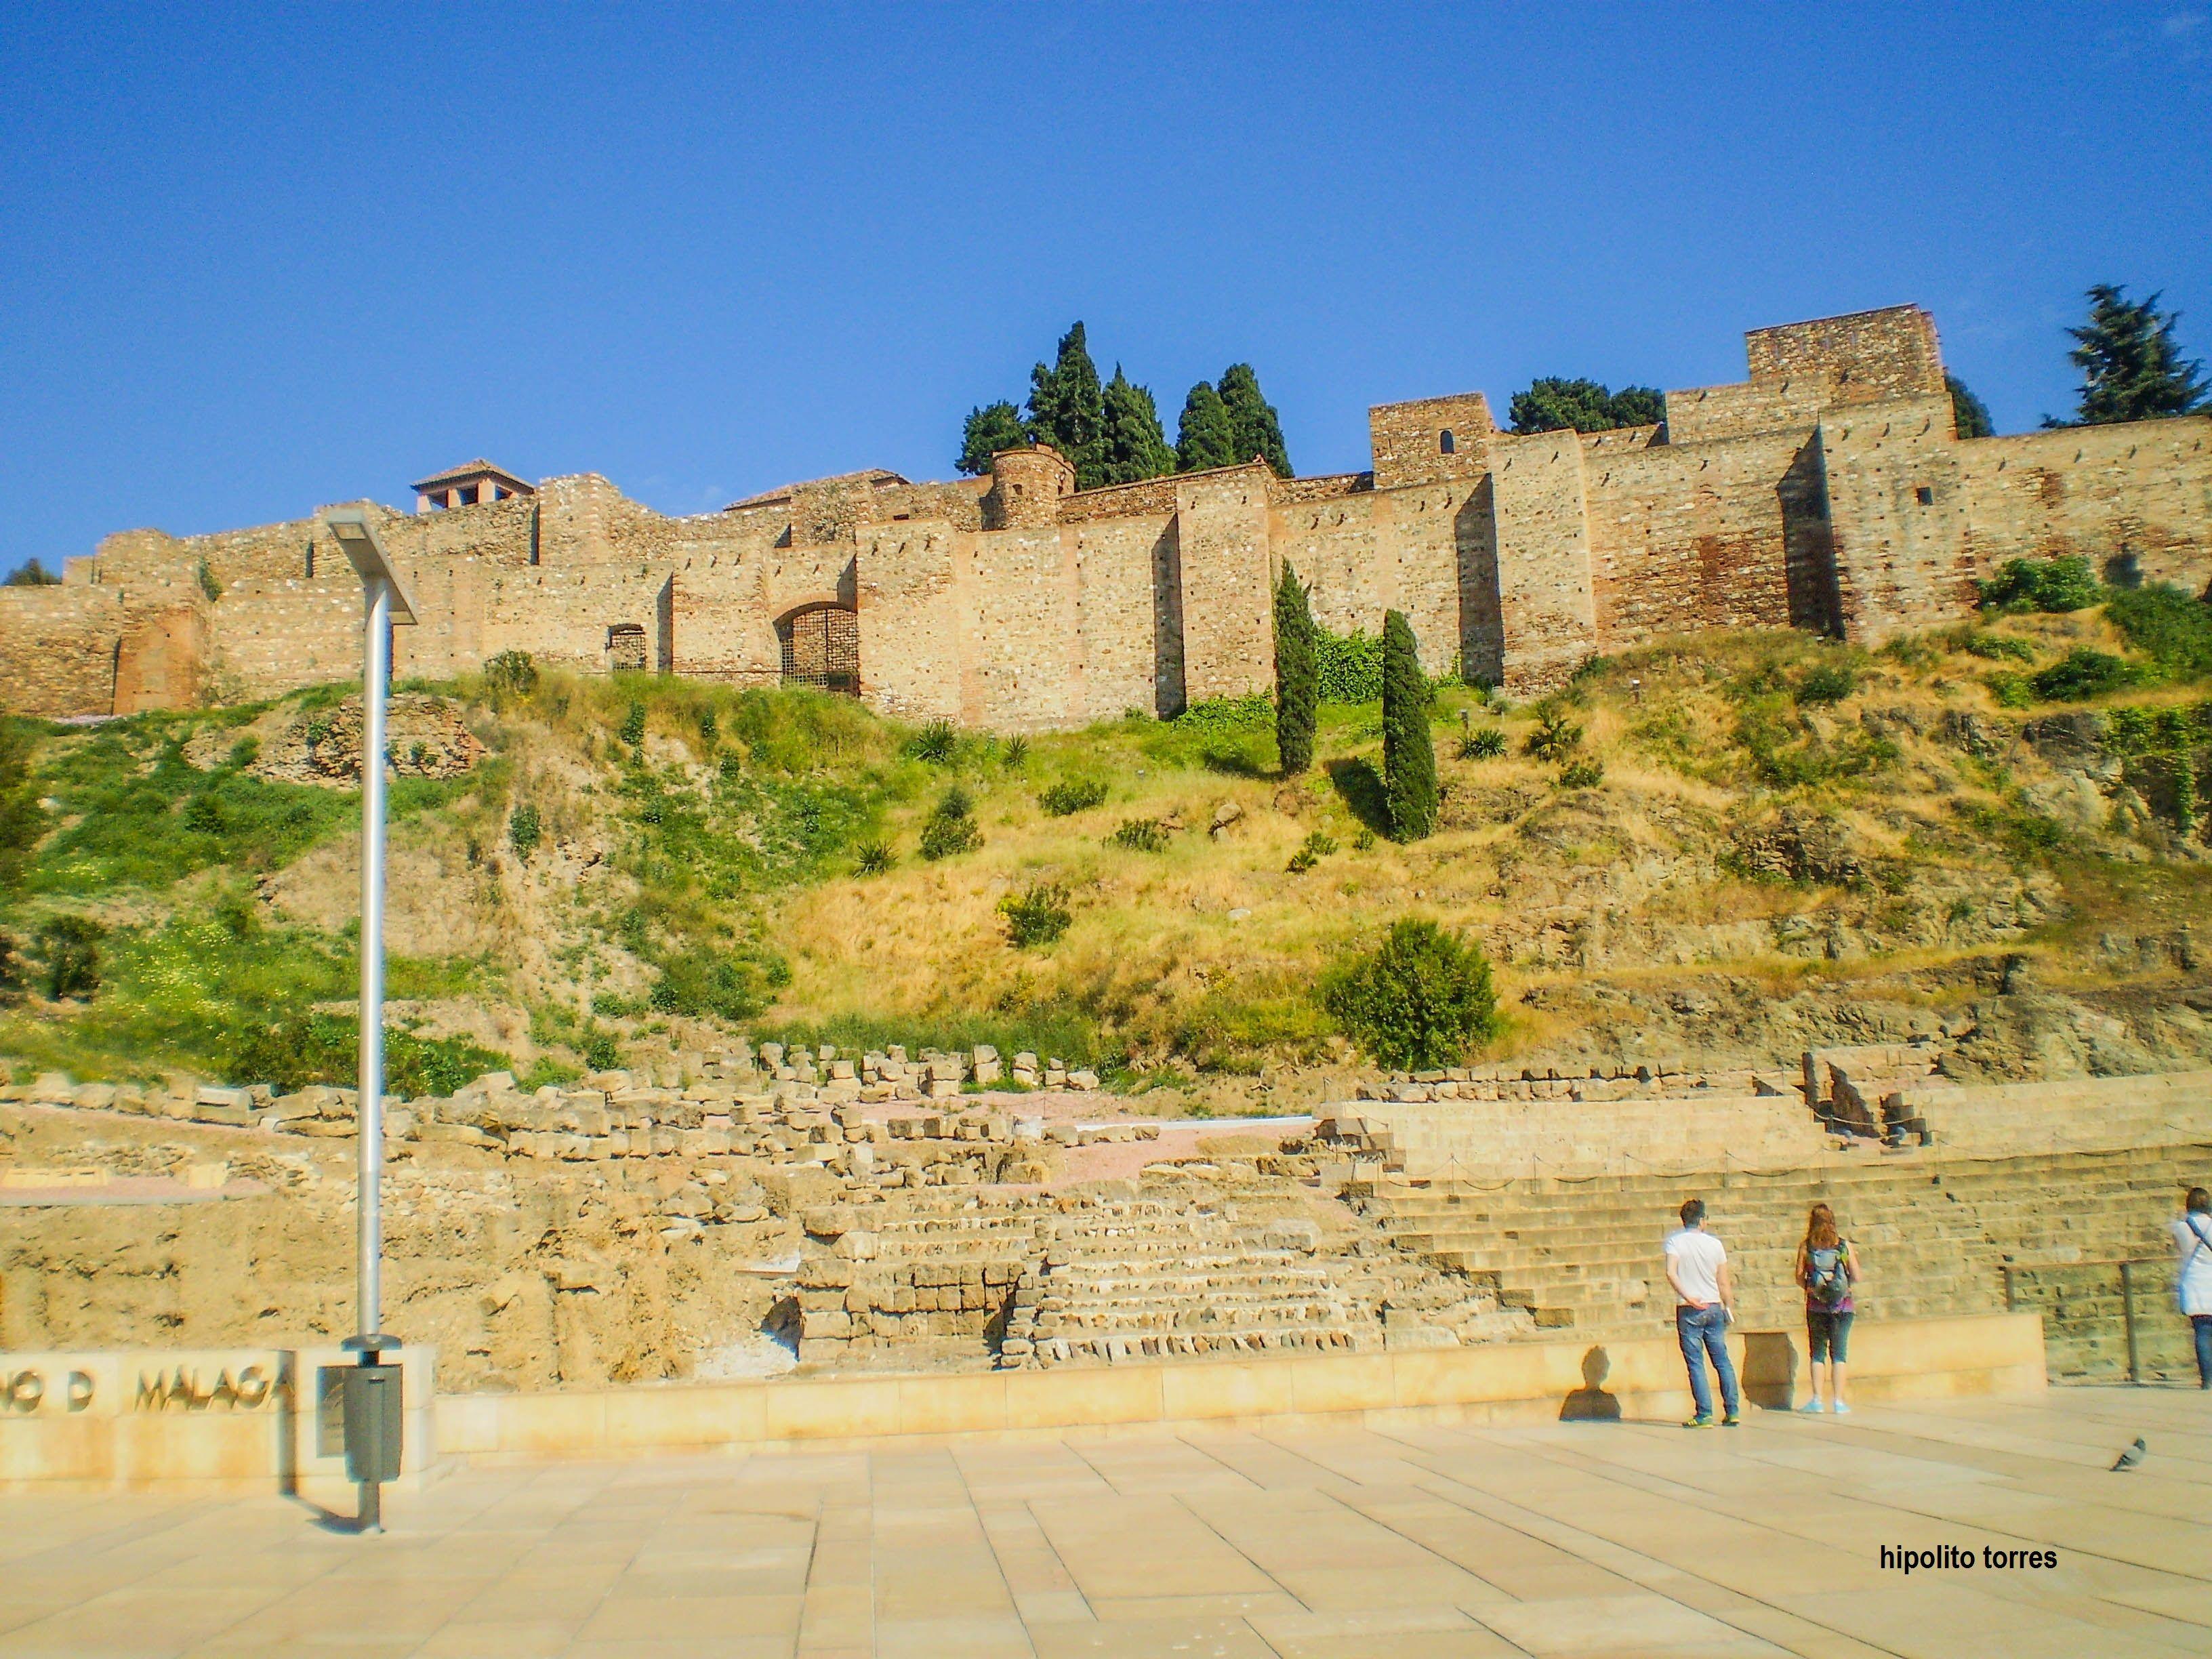 muralla de malaga - españa